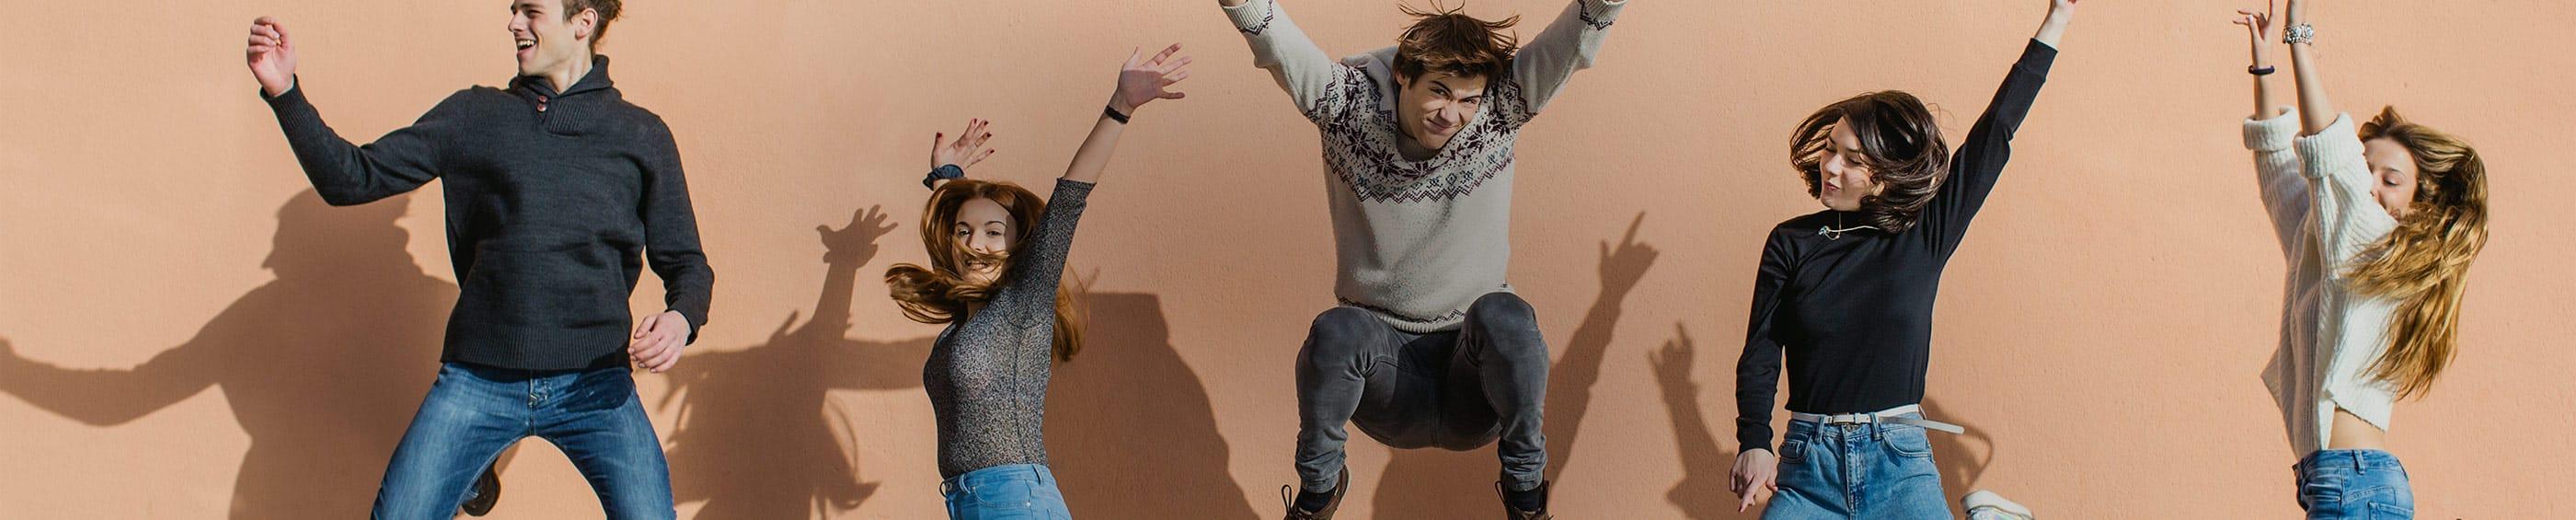 Una foto perfectamente sincronizada de un grupo de amigos que llevan lentillas que saltan en el aire con las manos en alto.